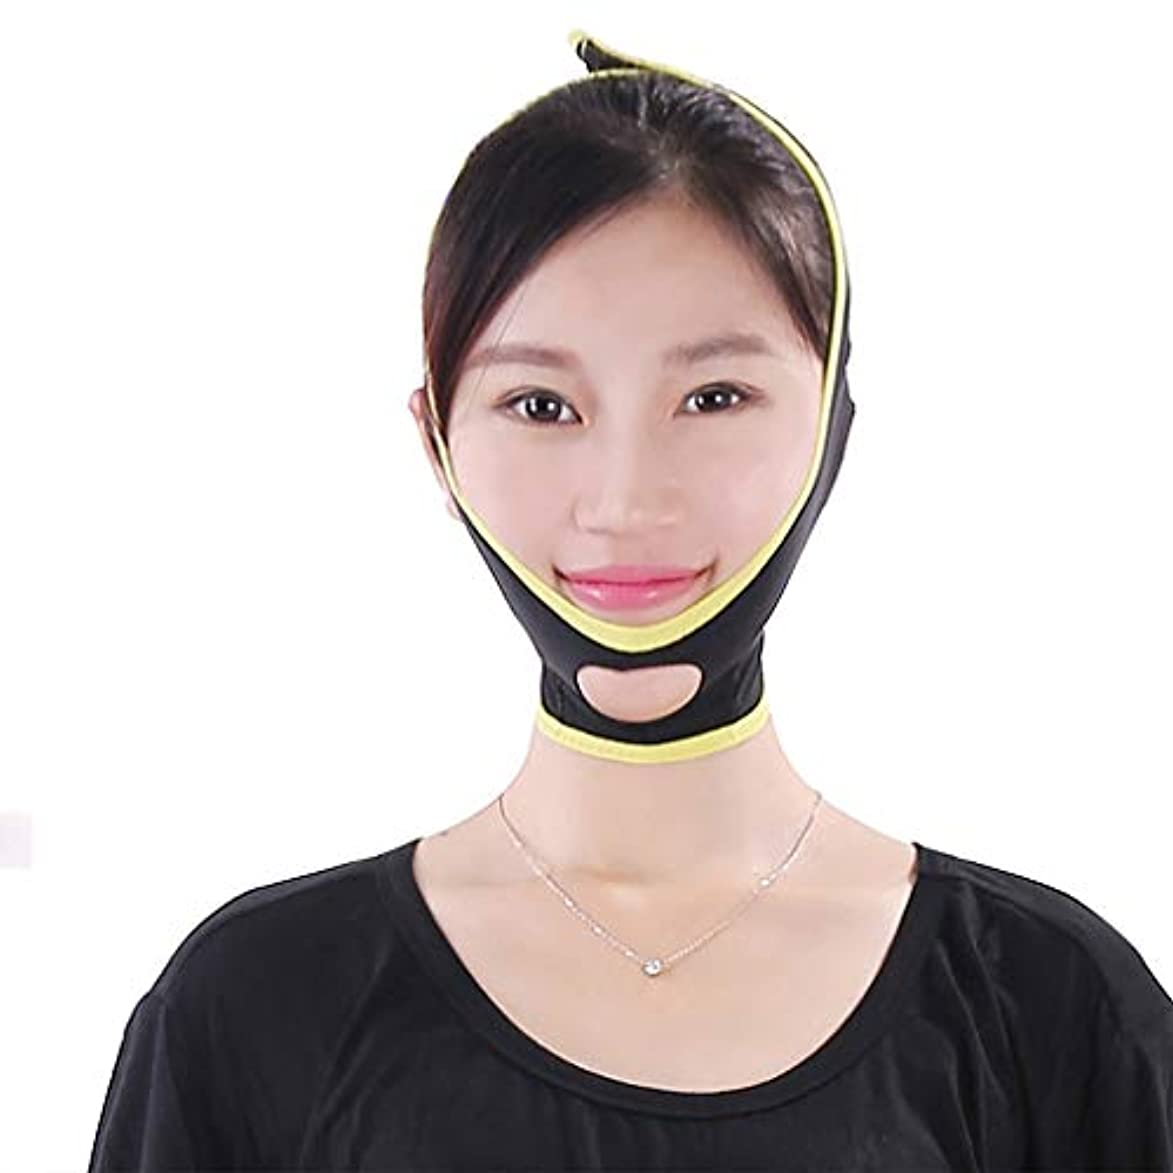 ランデブー時代遅れ不潔顔面顔面包帯 v 顔睡眠マスクリフティングは、男性と女性のための薄い二重あごの顔補正を引き締め